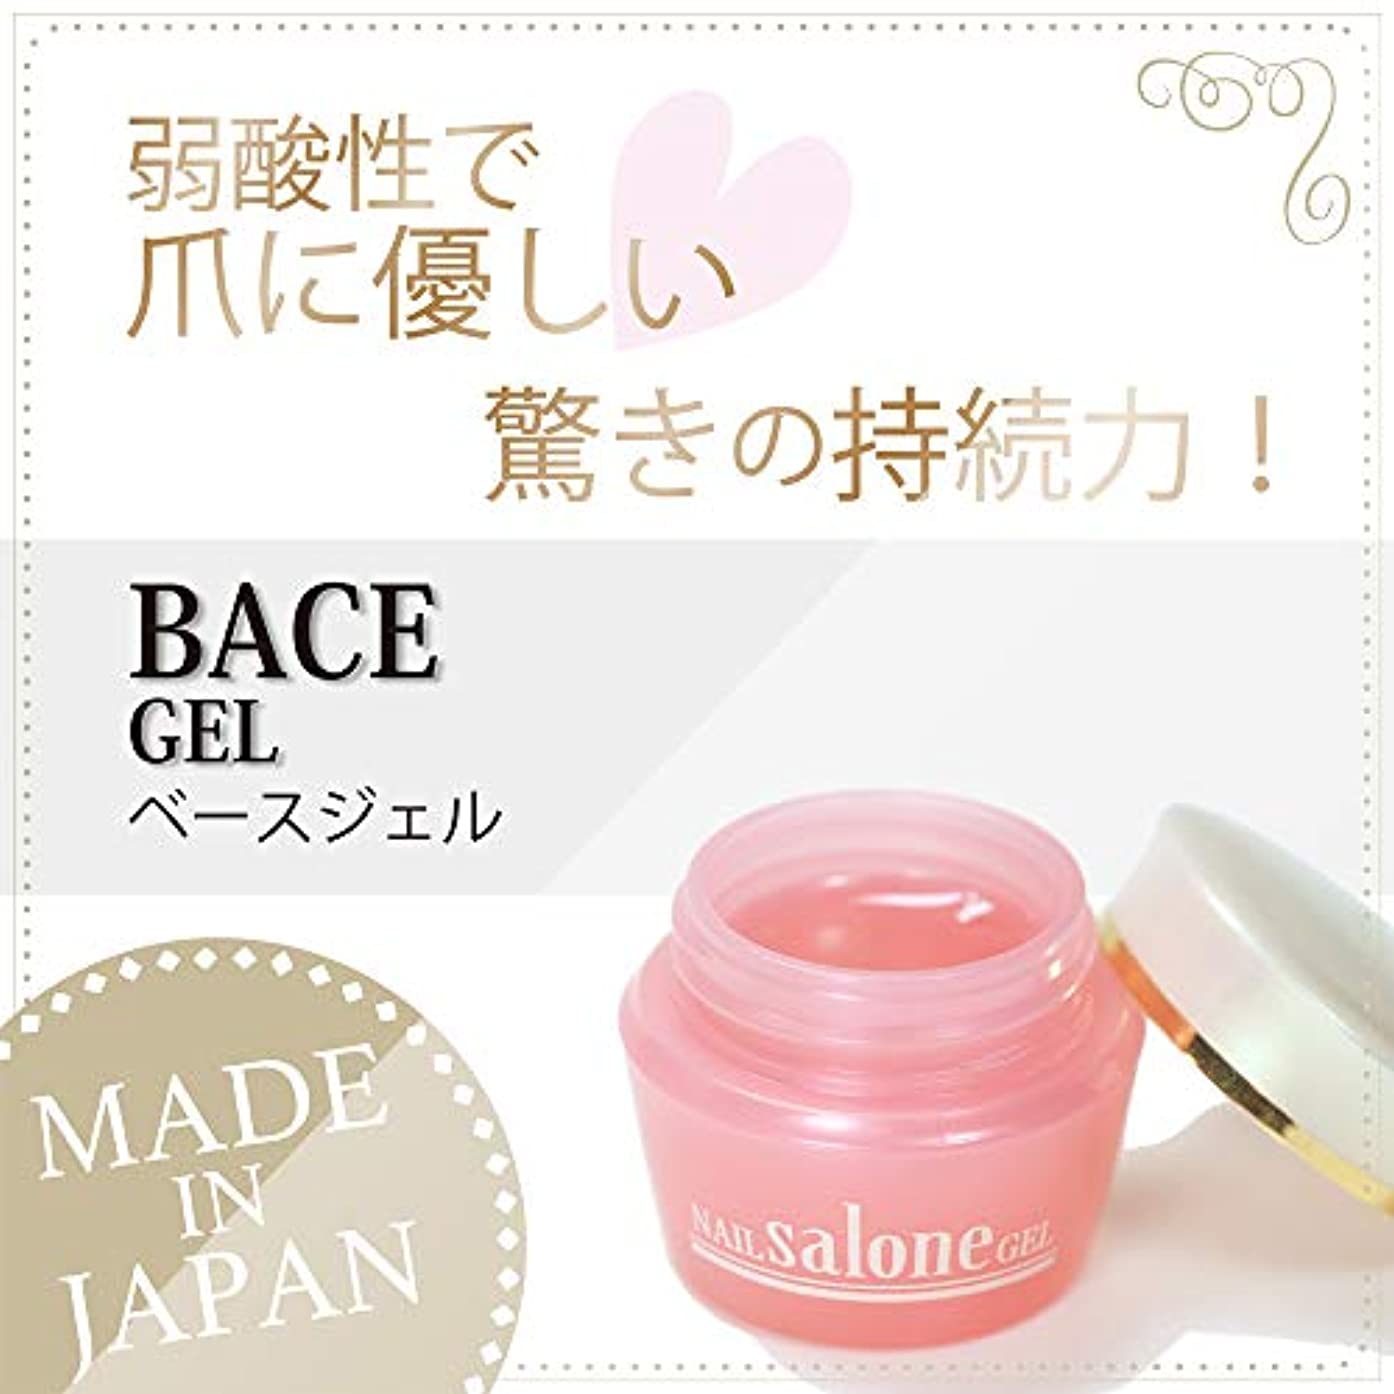 すり減るコマース広まったSalone gel サローネ ベースジェル 爪に優しい 日本製 驚きの密着力 リムーバーでオフも簡単3g